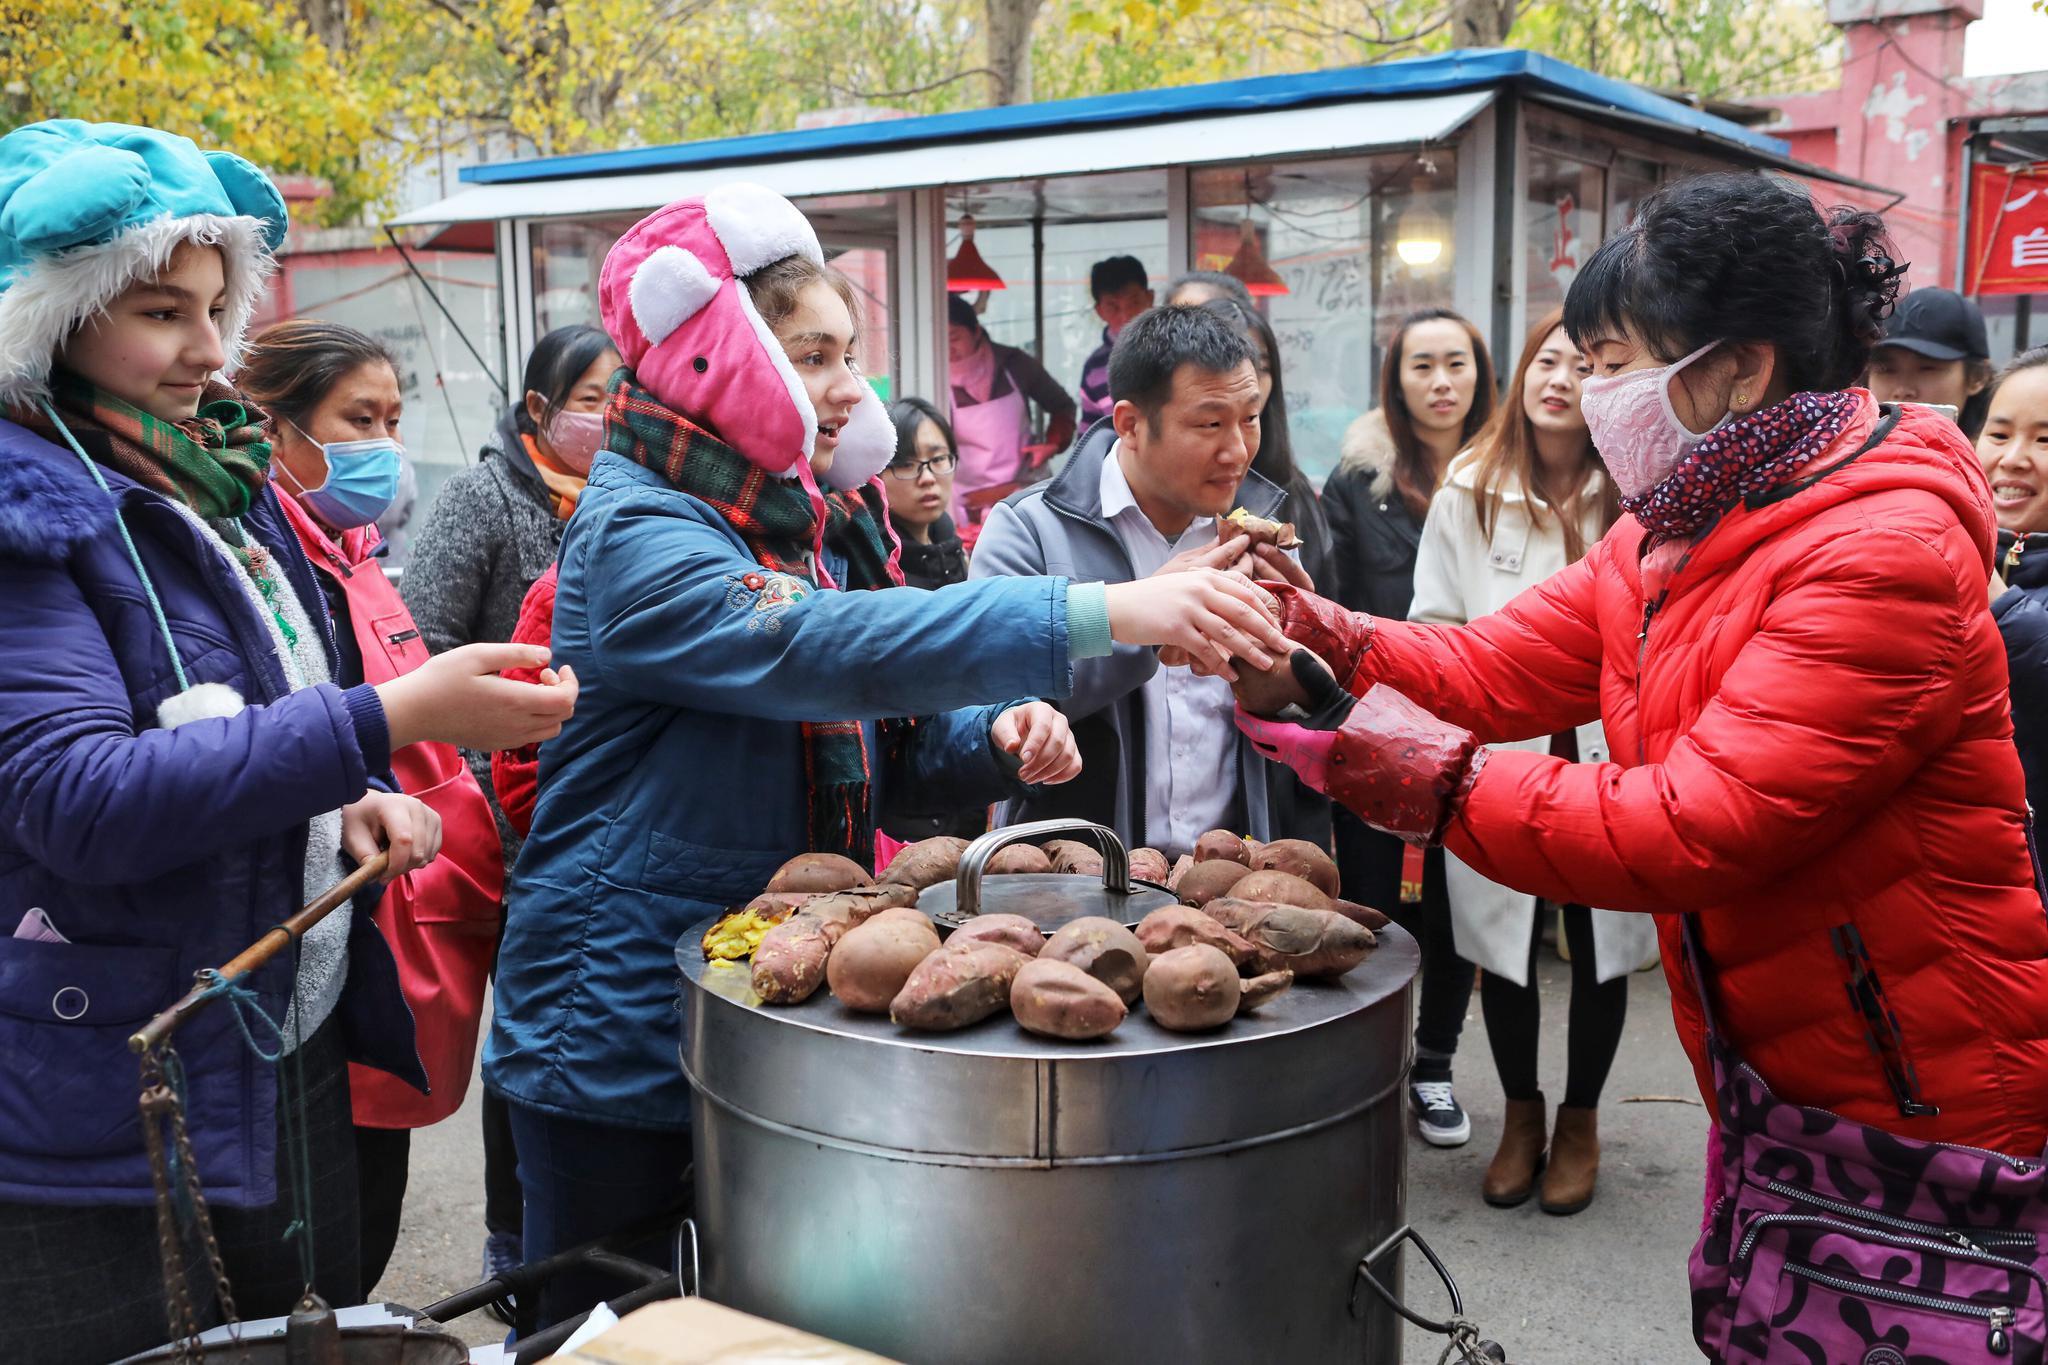 青春的梦想 青春的奋斗 | 金发小妞卖地瓜——一对美国姐妹的中国梦